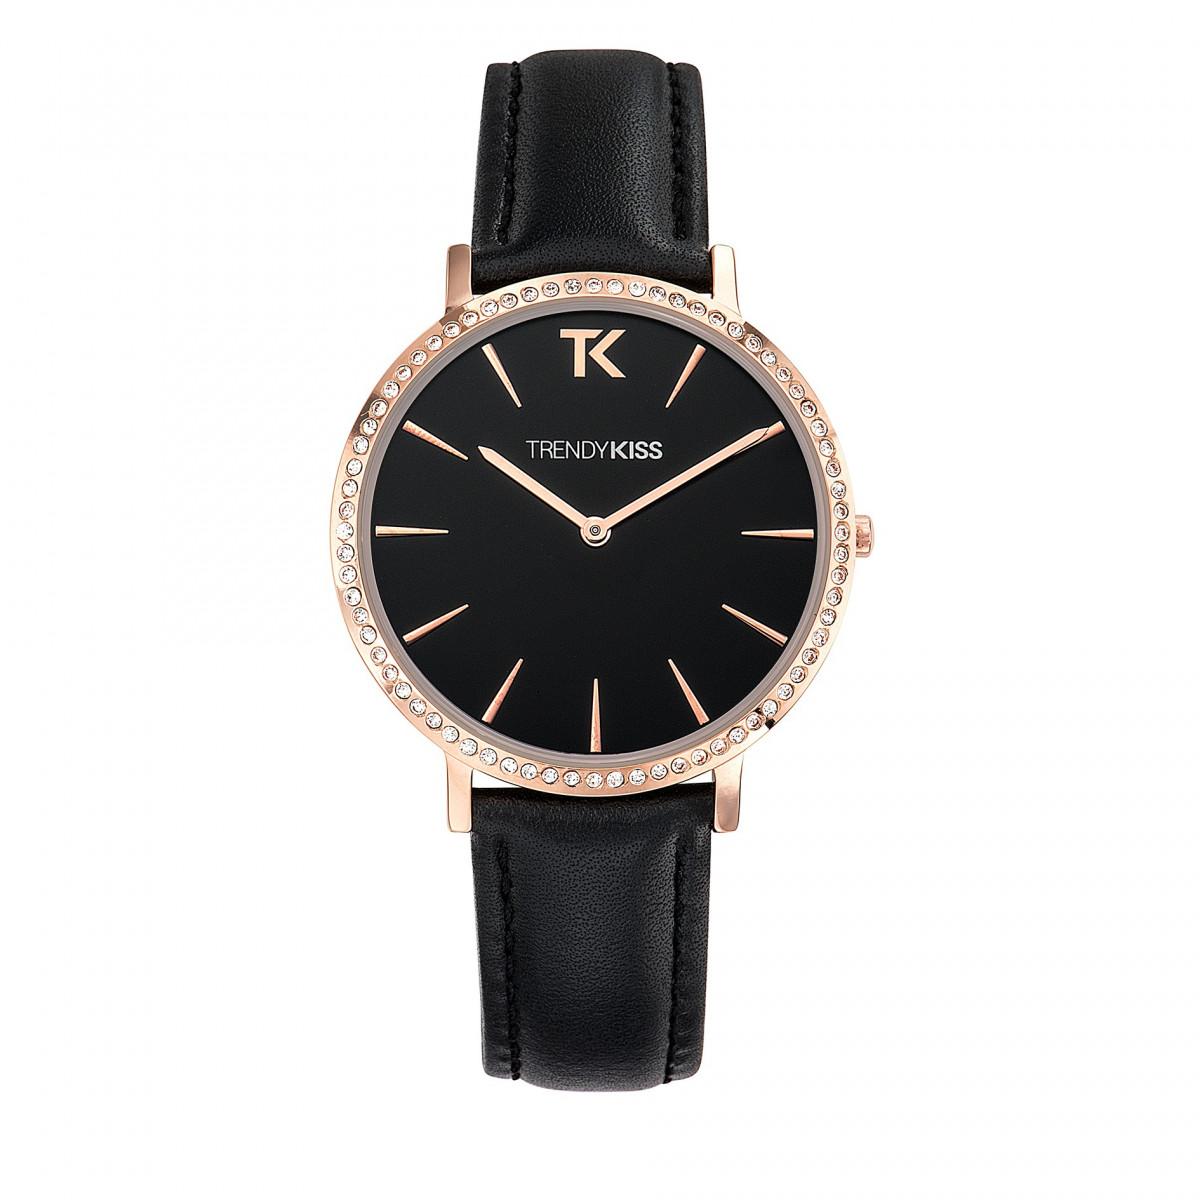 0a76f13052 Trendy Kiss – TG10090-02B – Montre femme – Analogique – Boitier rond en  métal doré rose et strass – Cadran noir mat – Bracelet en cuir véritable  rose pastel